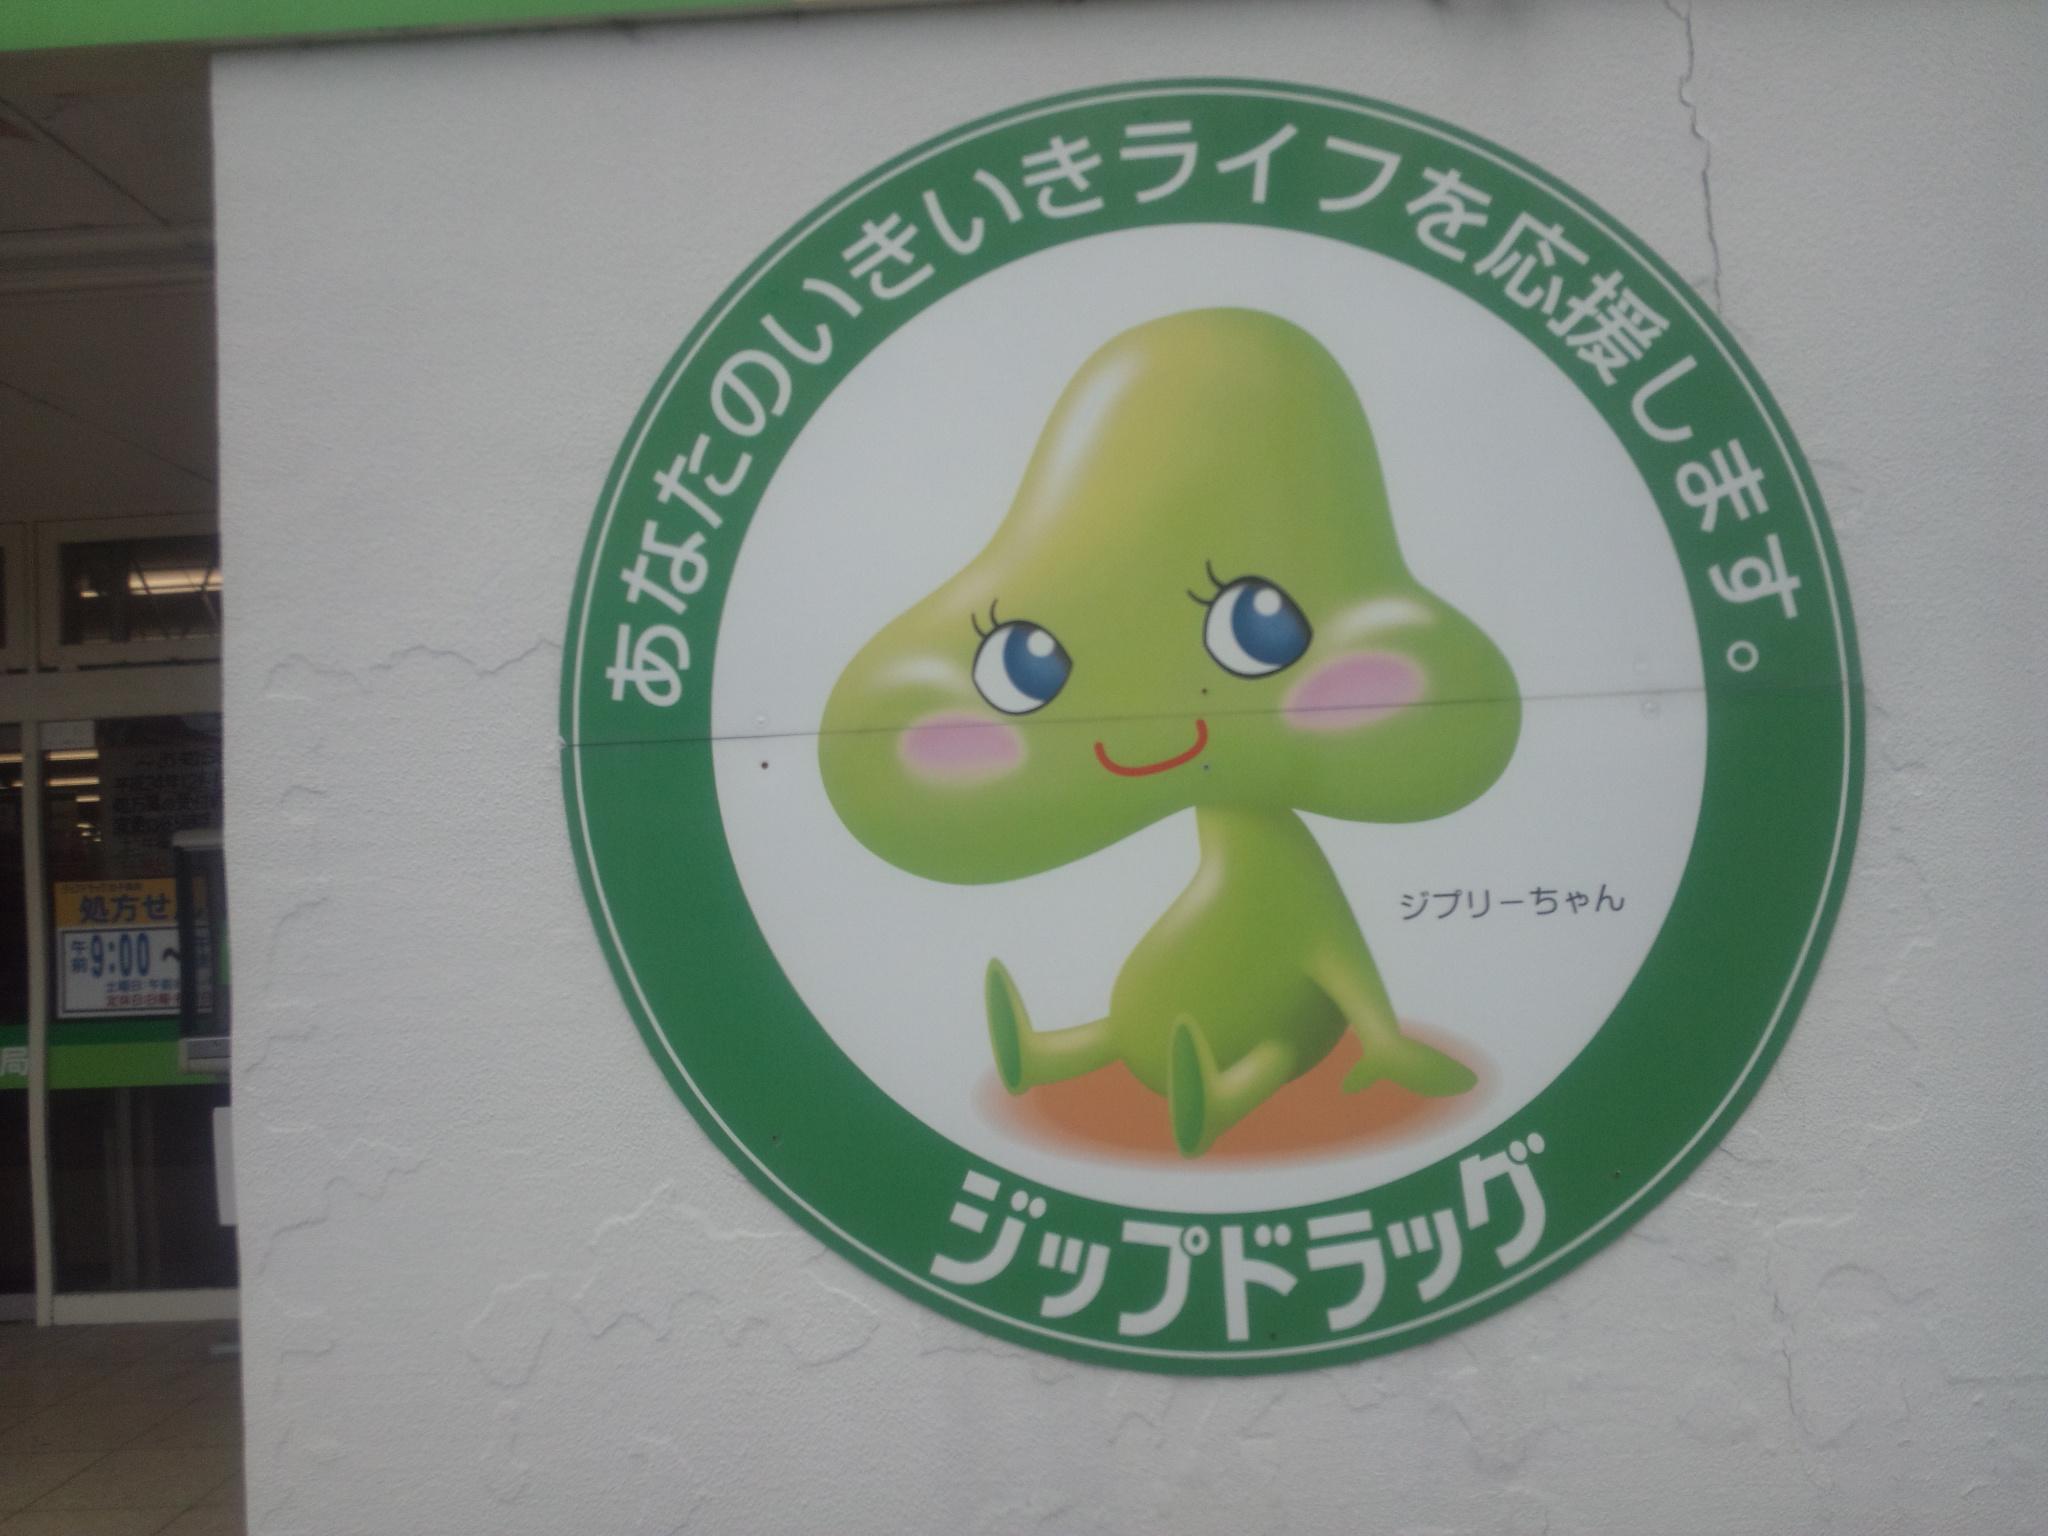 ジップドラッグ白子薬局の看板(キャラクター)